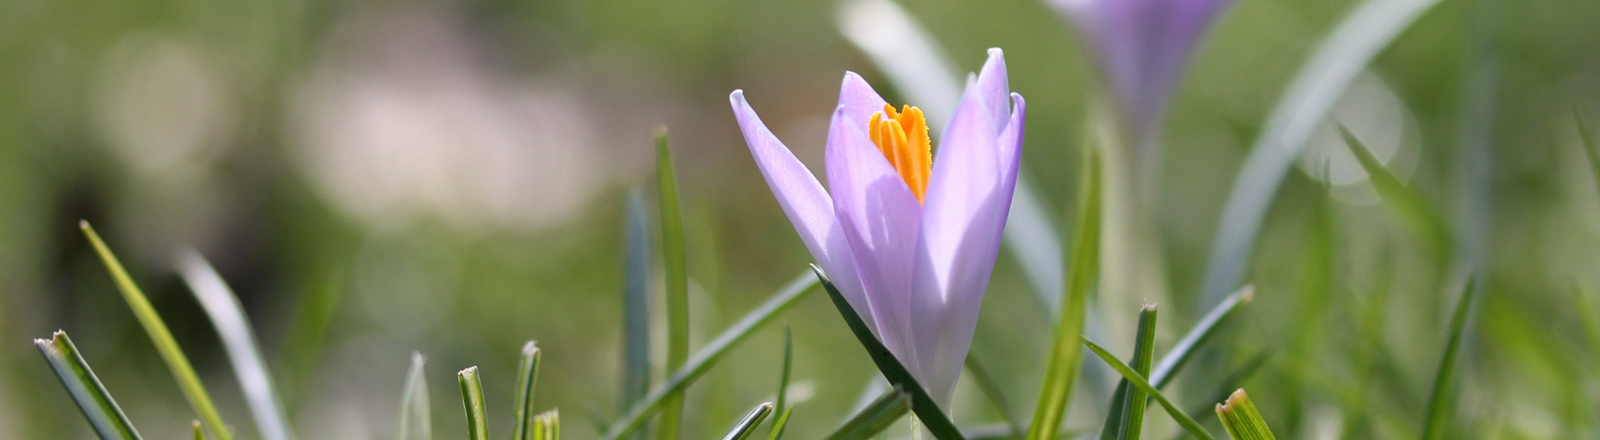 Frühlingsgefühle - die ersten Krokussen kommen aus dem Boden.